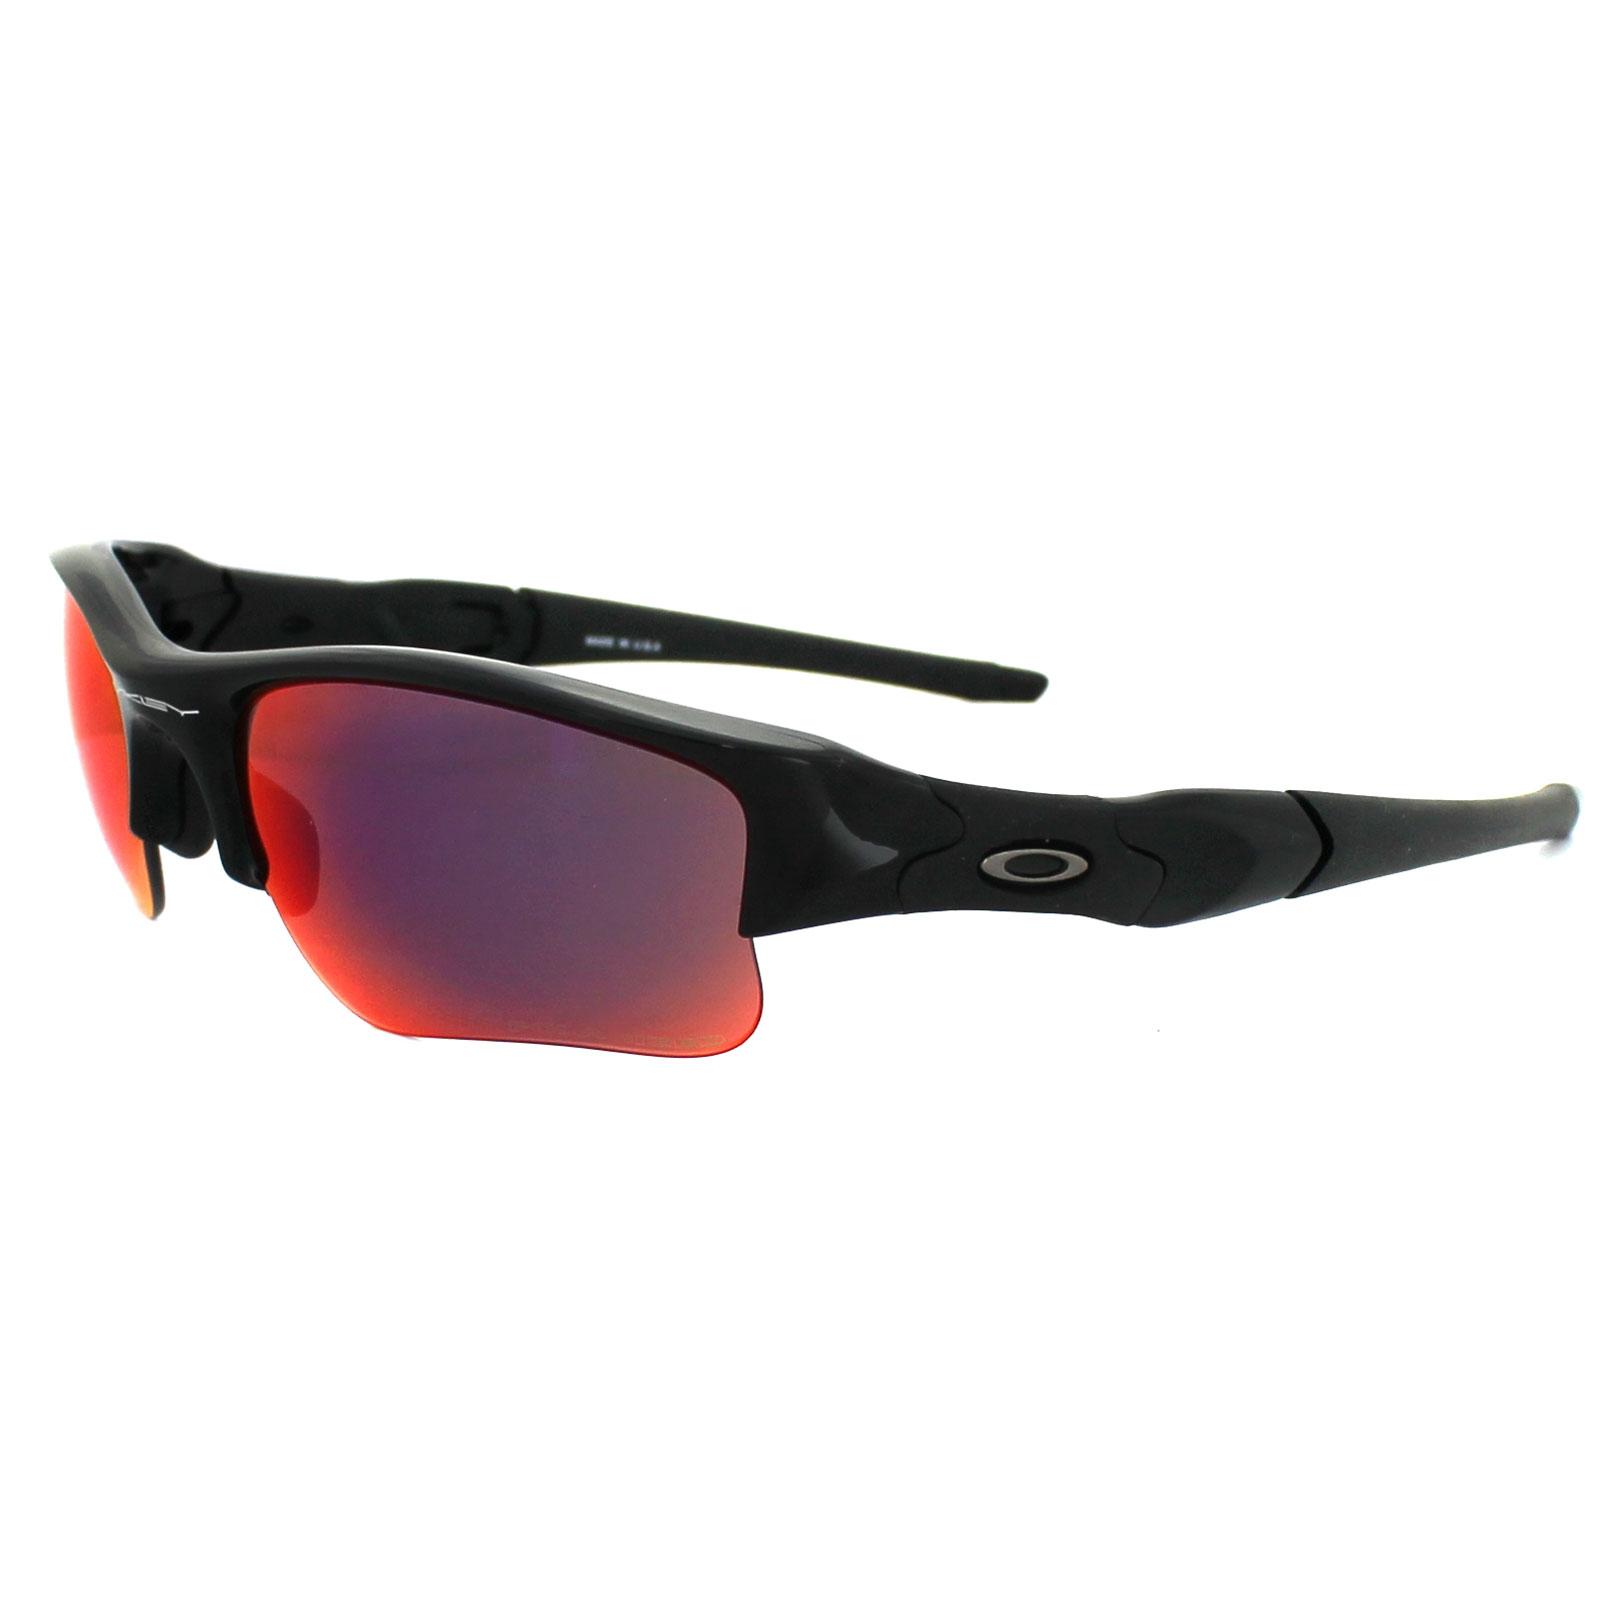 authorized oakley dealers online wvrt  oakley flak sunglasses q5ot oakley flak sunglasses